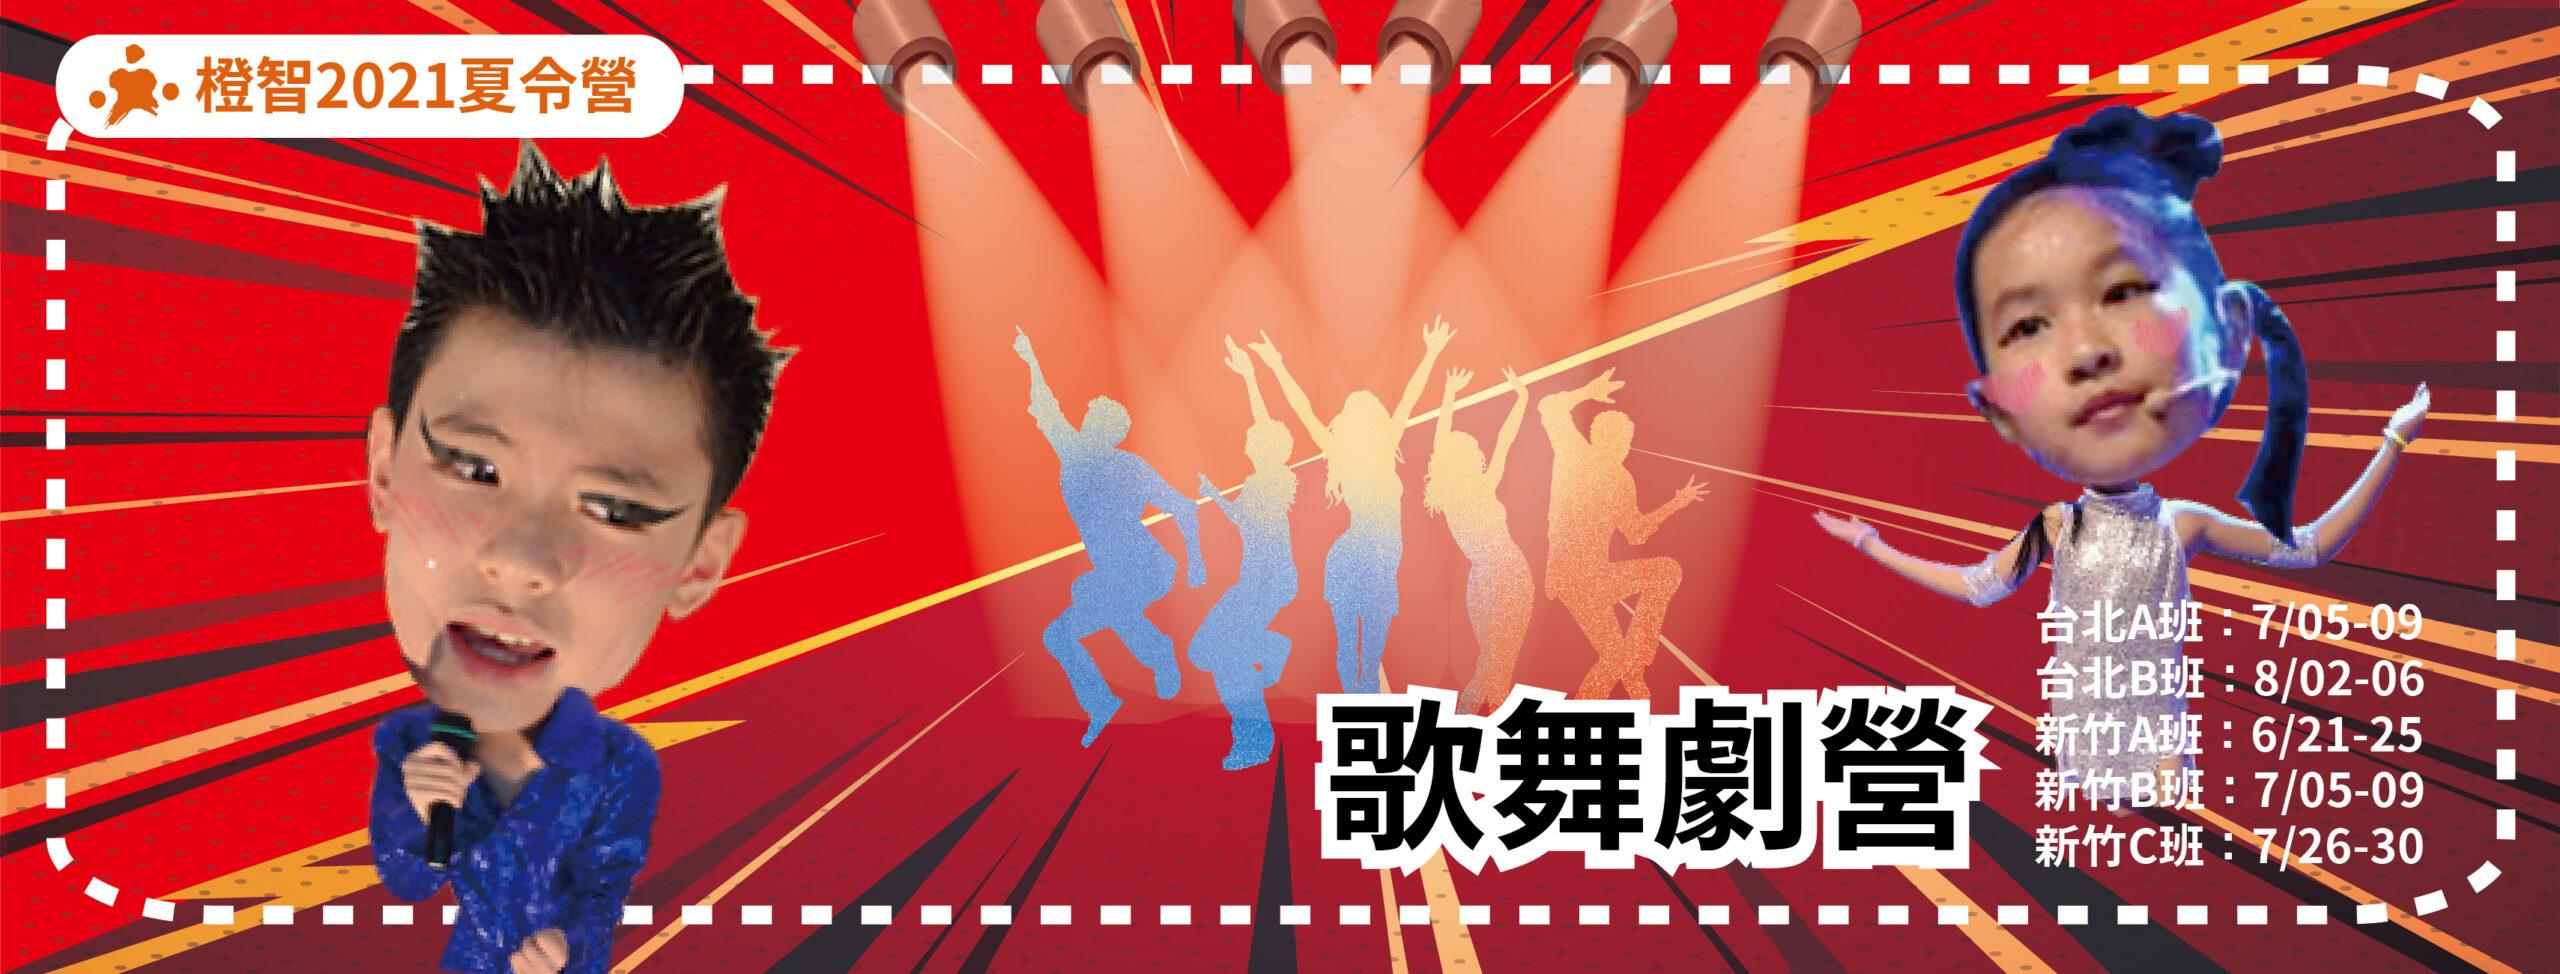 2021夏令營-歌舞劇營(兒童青少年營隊)